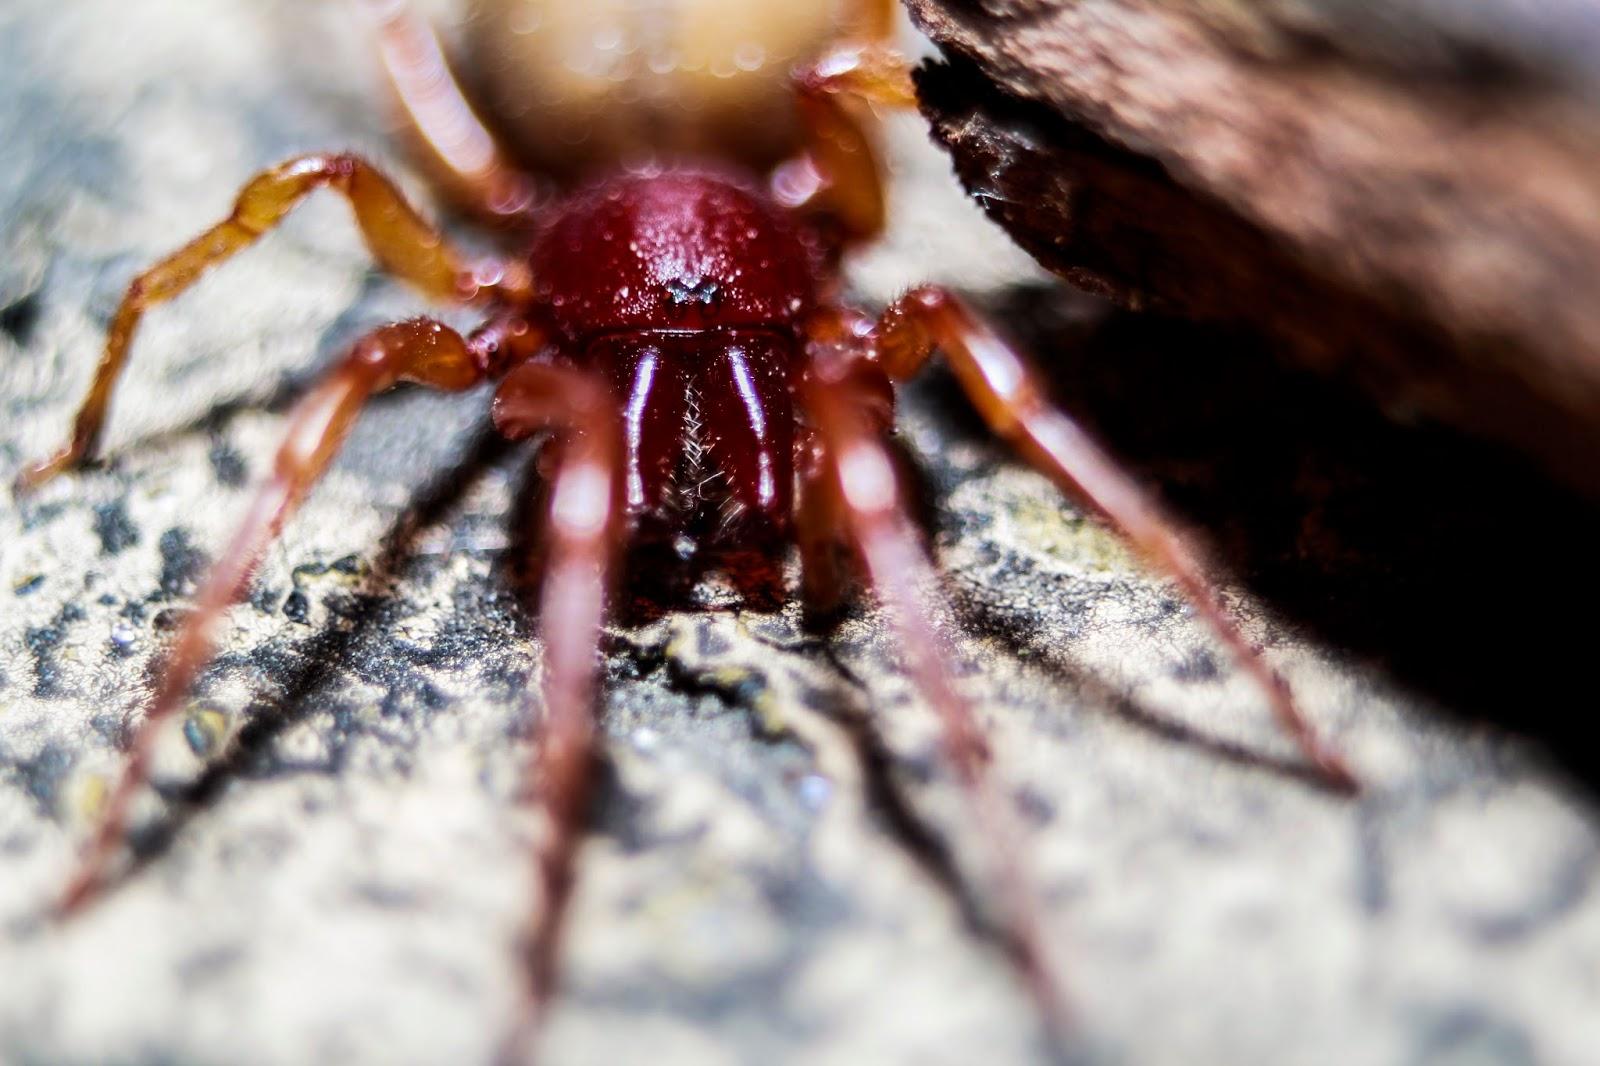 Arañas en fotosmacro